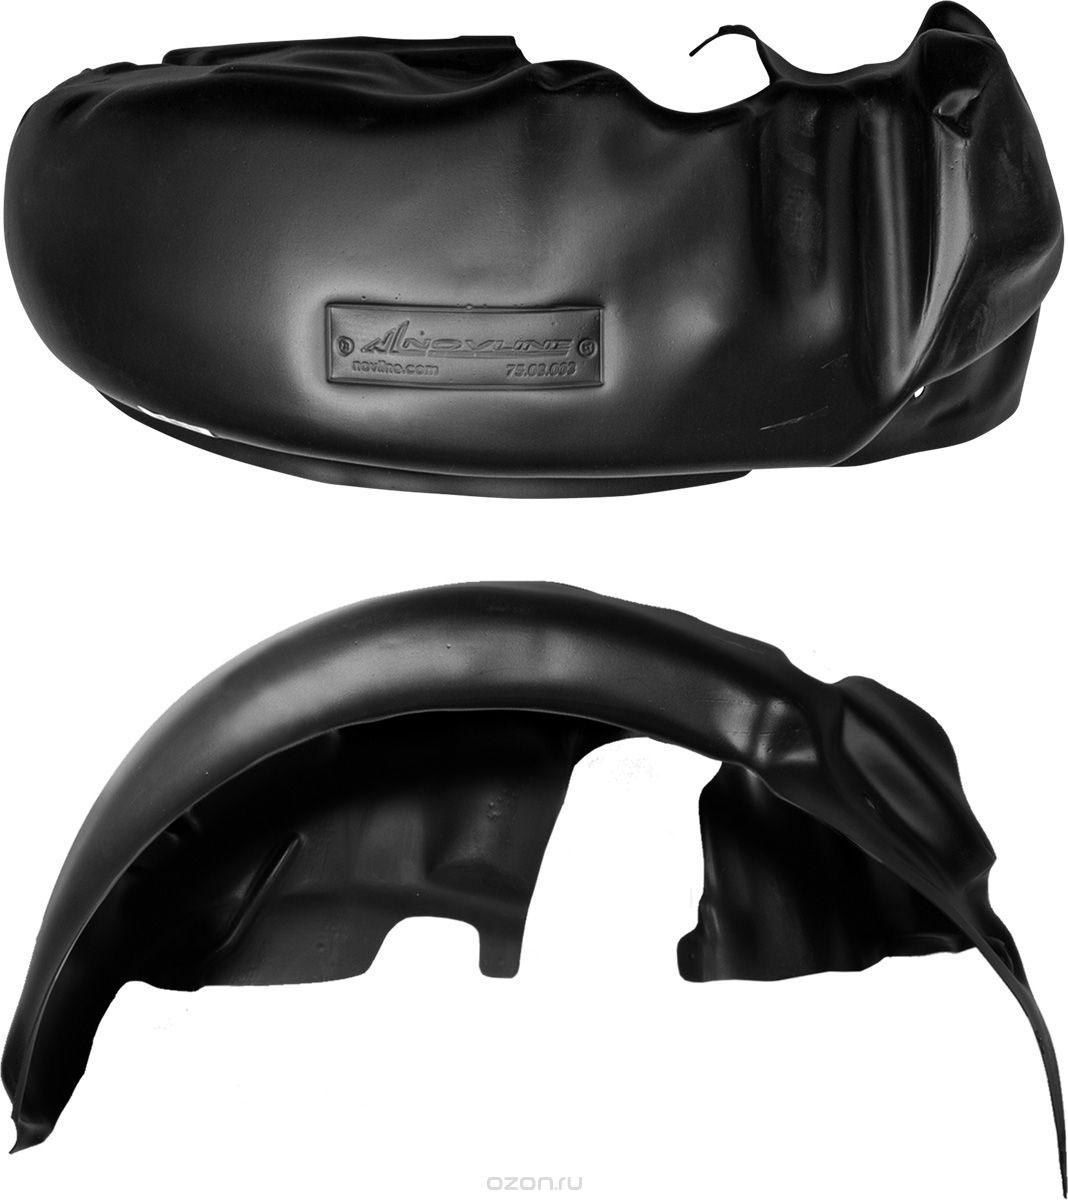 Подкрылок Novline-Autofamily, для HONDA Civic 4D, 2012->, задний правыйVCA-00Идеальная защита колесной ниши. Локеры разработаны с применением цифровых технологий, гарантируют максимальную повторяемость поверхности арки. Изделия устанавливаются без нарушения лакокрасочного покрытия автомобиля, каждый подкрылок комплектуется крепежом. Уважаемые клиенты, обращаем ваше внимание, что фотографии на подкрылки универсальные и не отражают реальную форму изделия. При этом само изделие идет точно под размер указанного автомобиля.